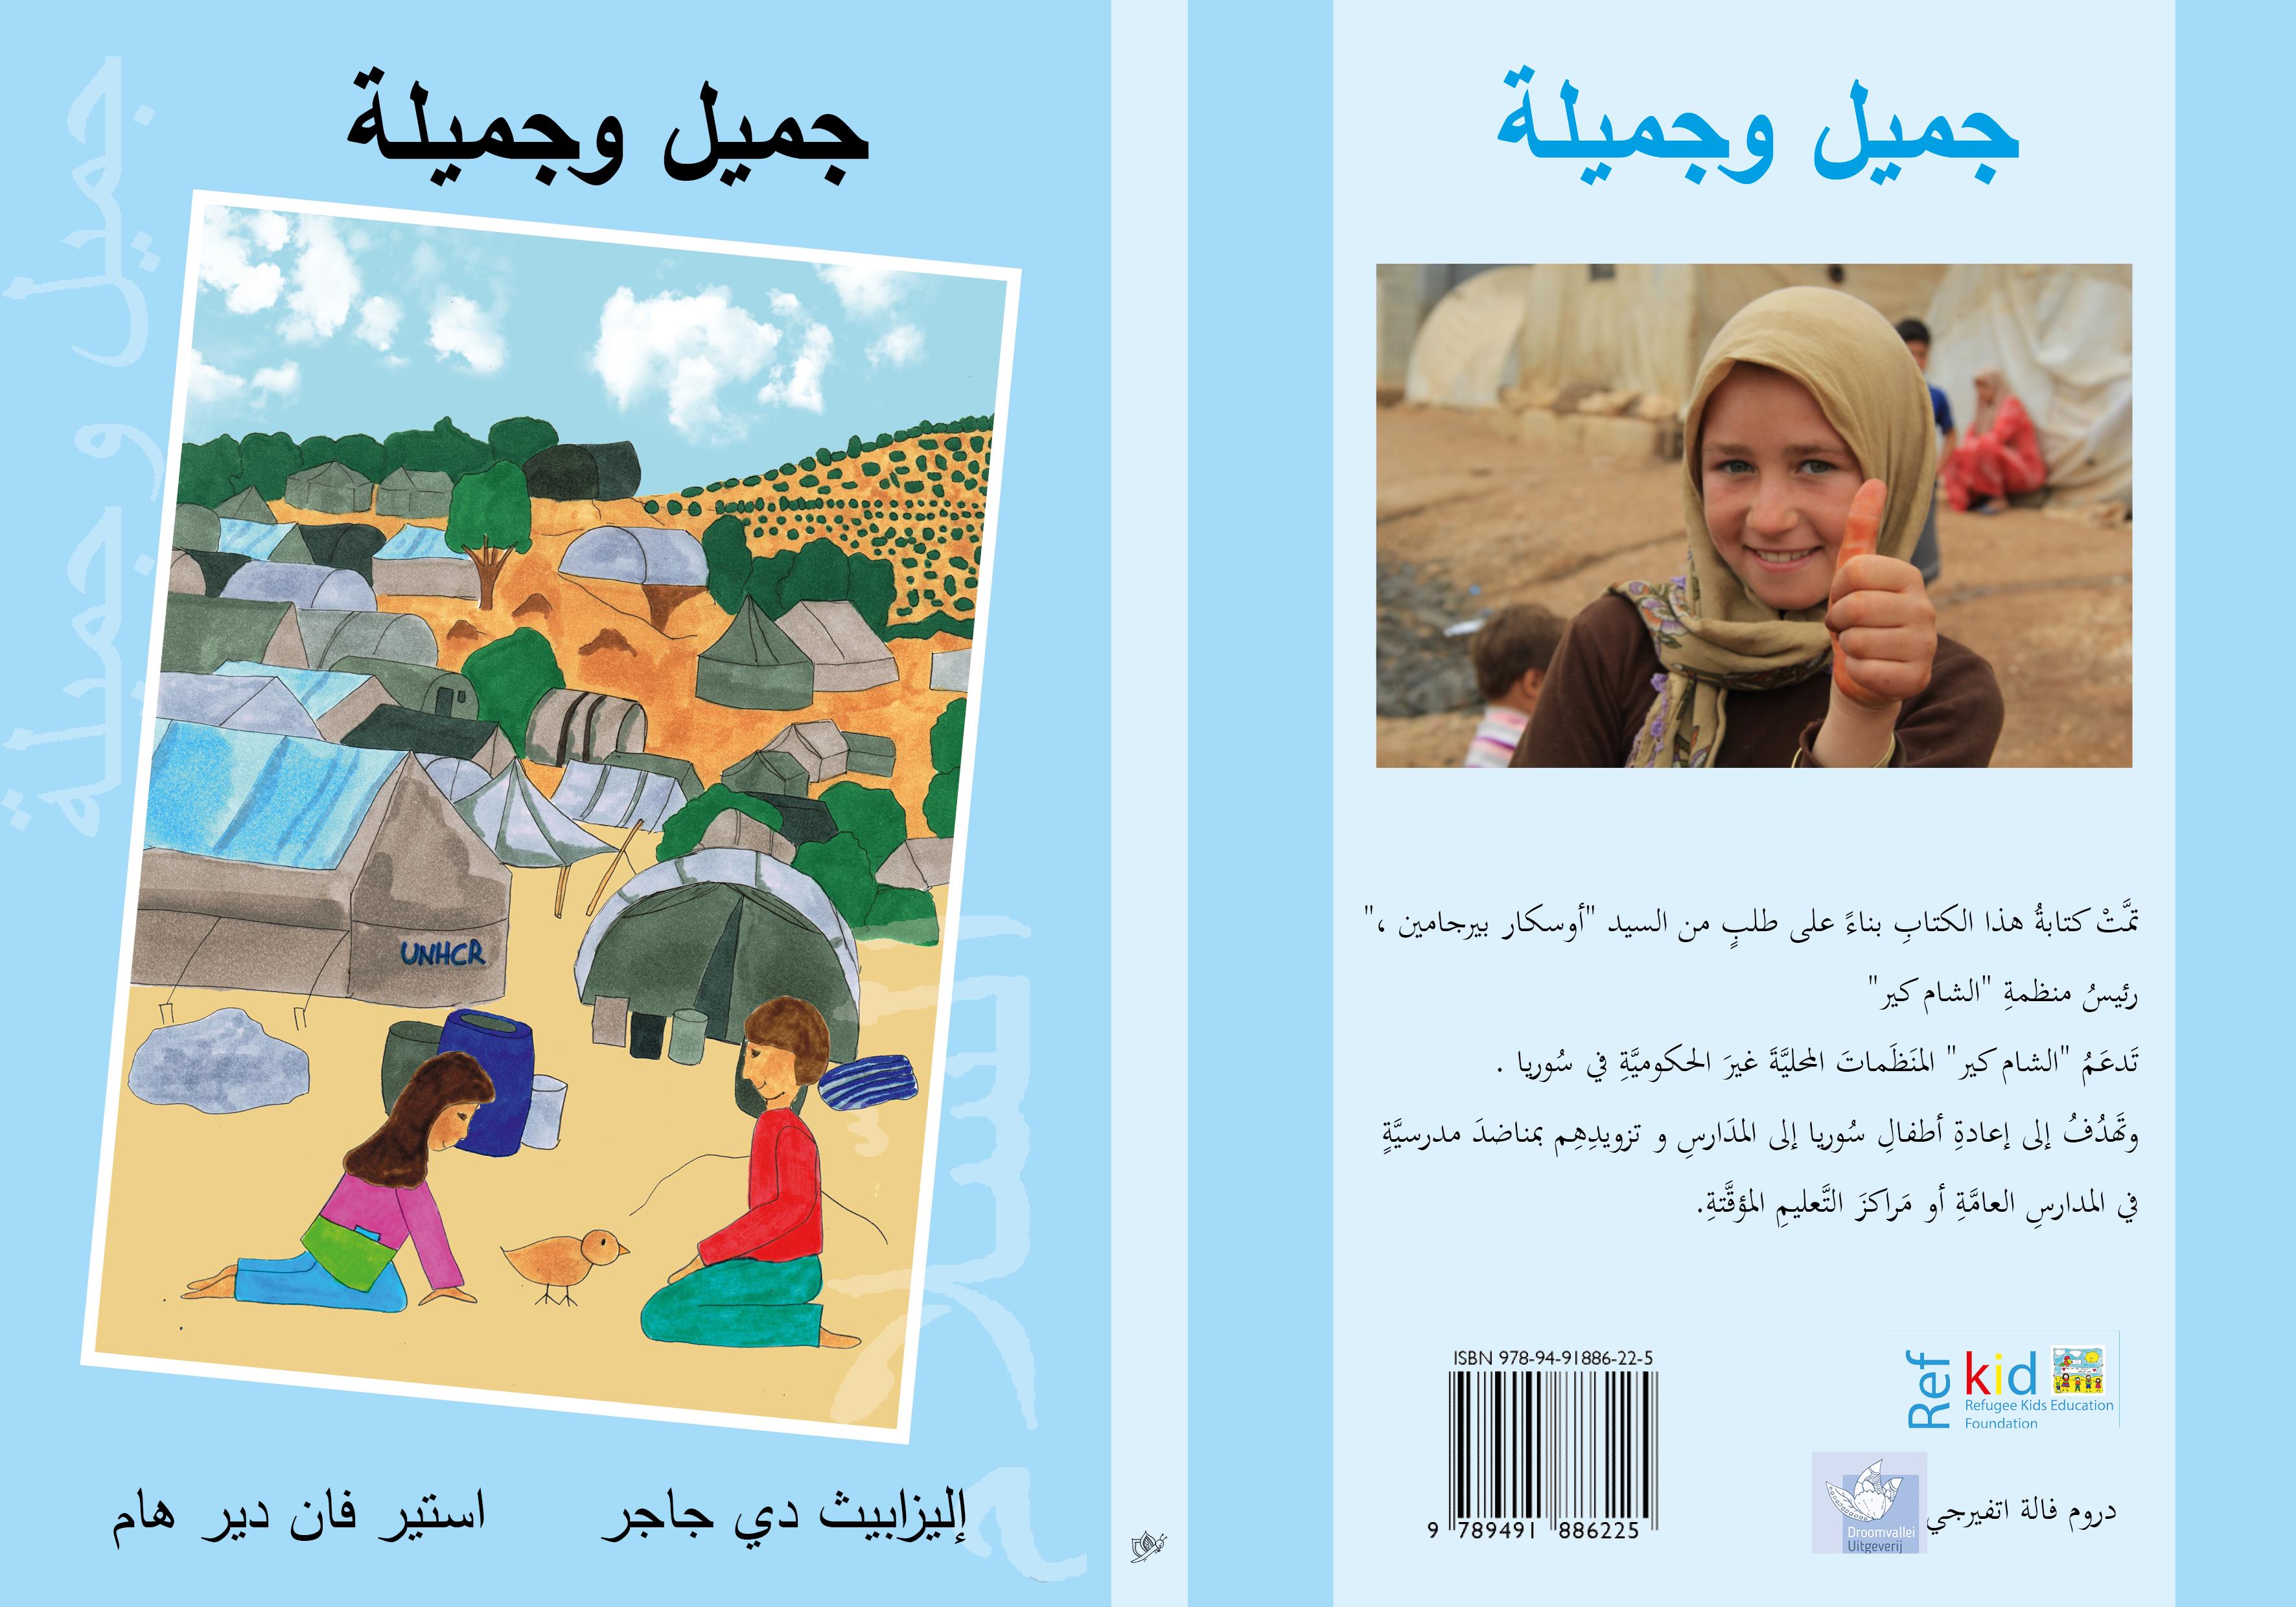 Jamil & Jamila Arabisch voor Libanon